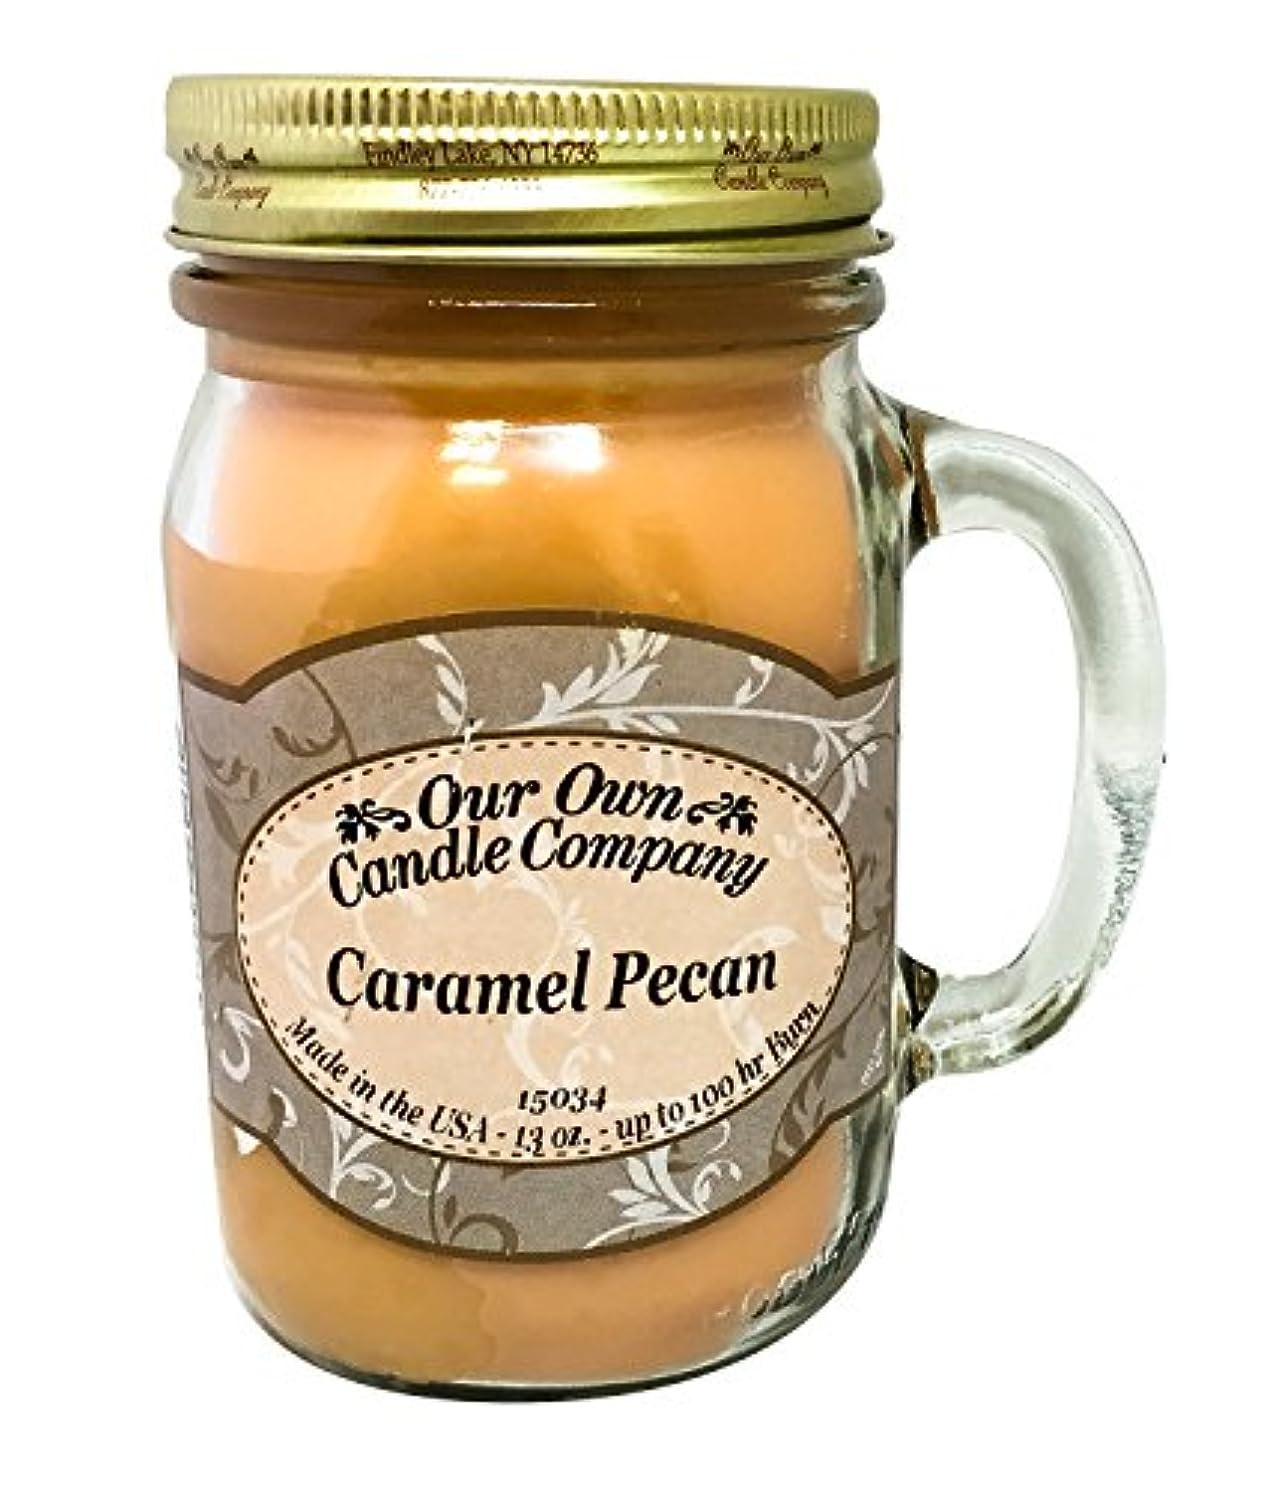 へこみコントロール予備アロマキャンドル メイソンジャー キャラメルピーカン ビッグ Our Own Candle Company Caramel Pecan big